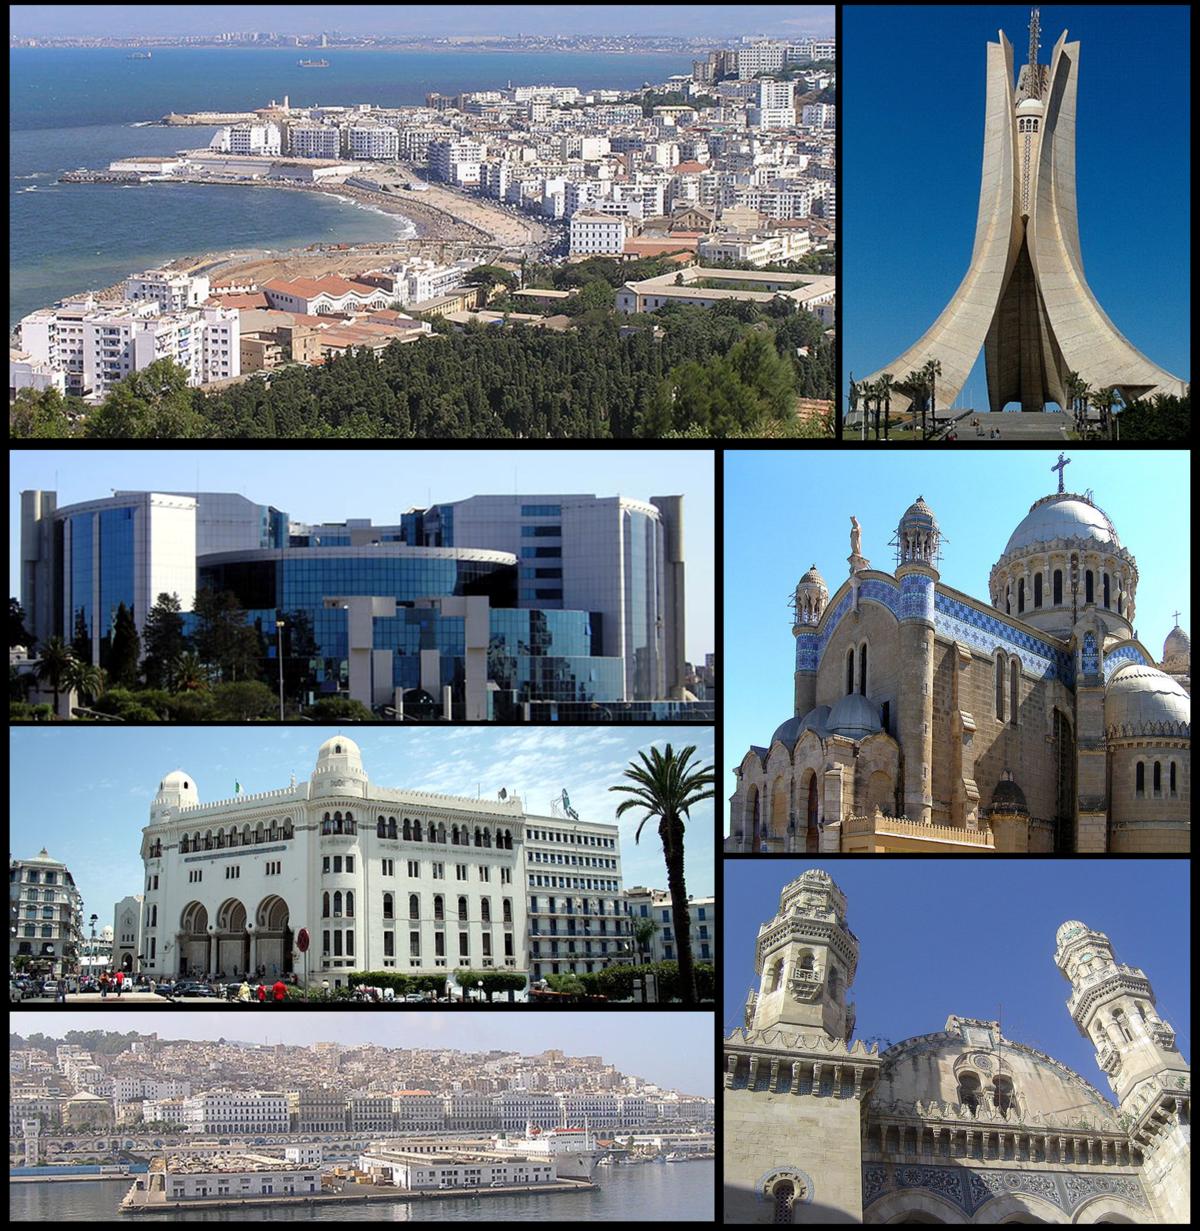 gratis dating site in Algerije